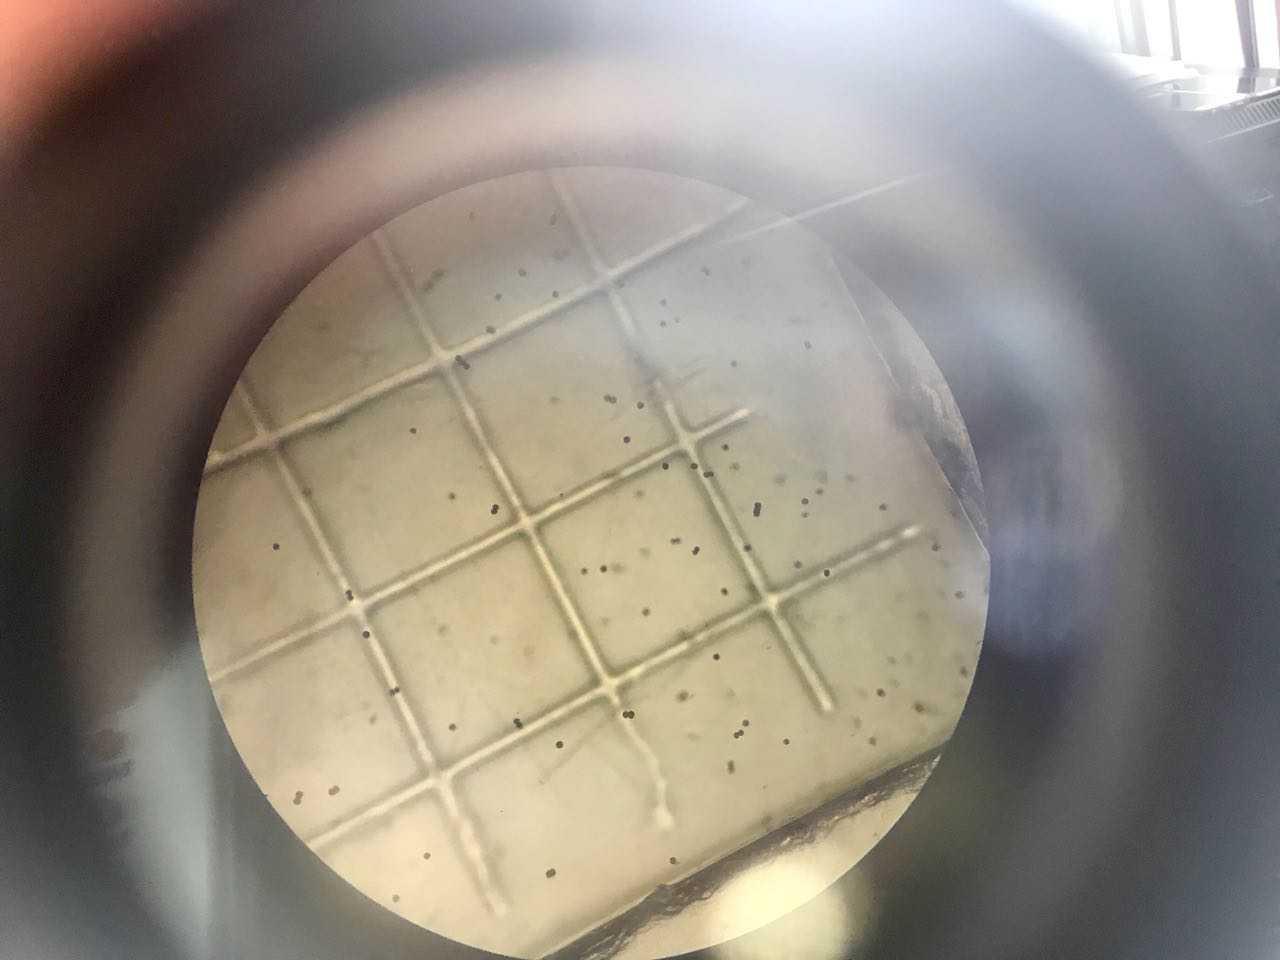 IFOP entrega resultados de estudio sobre floraciones de algas nocivas